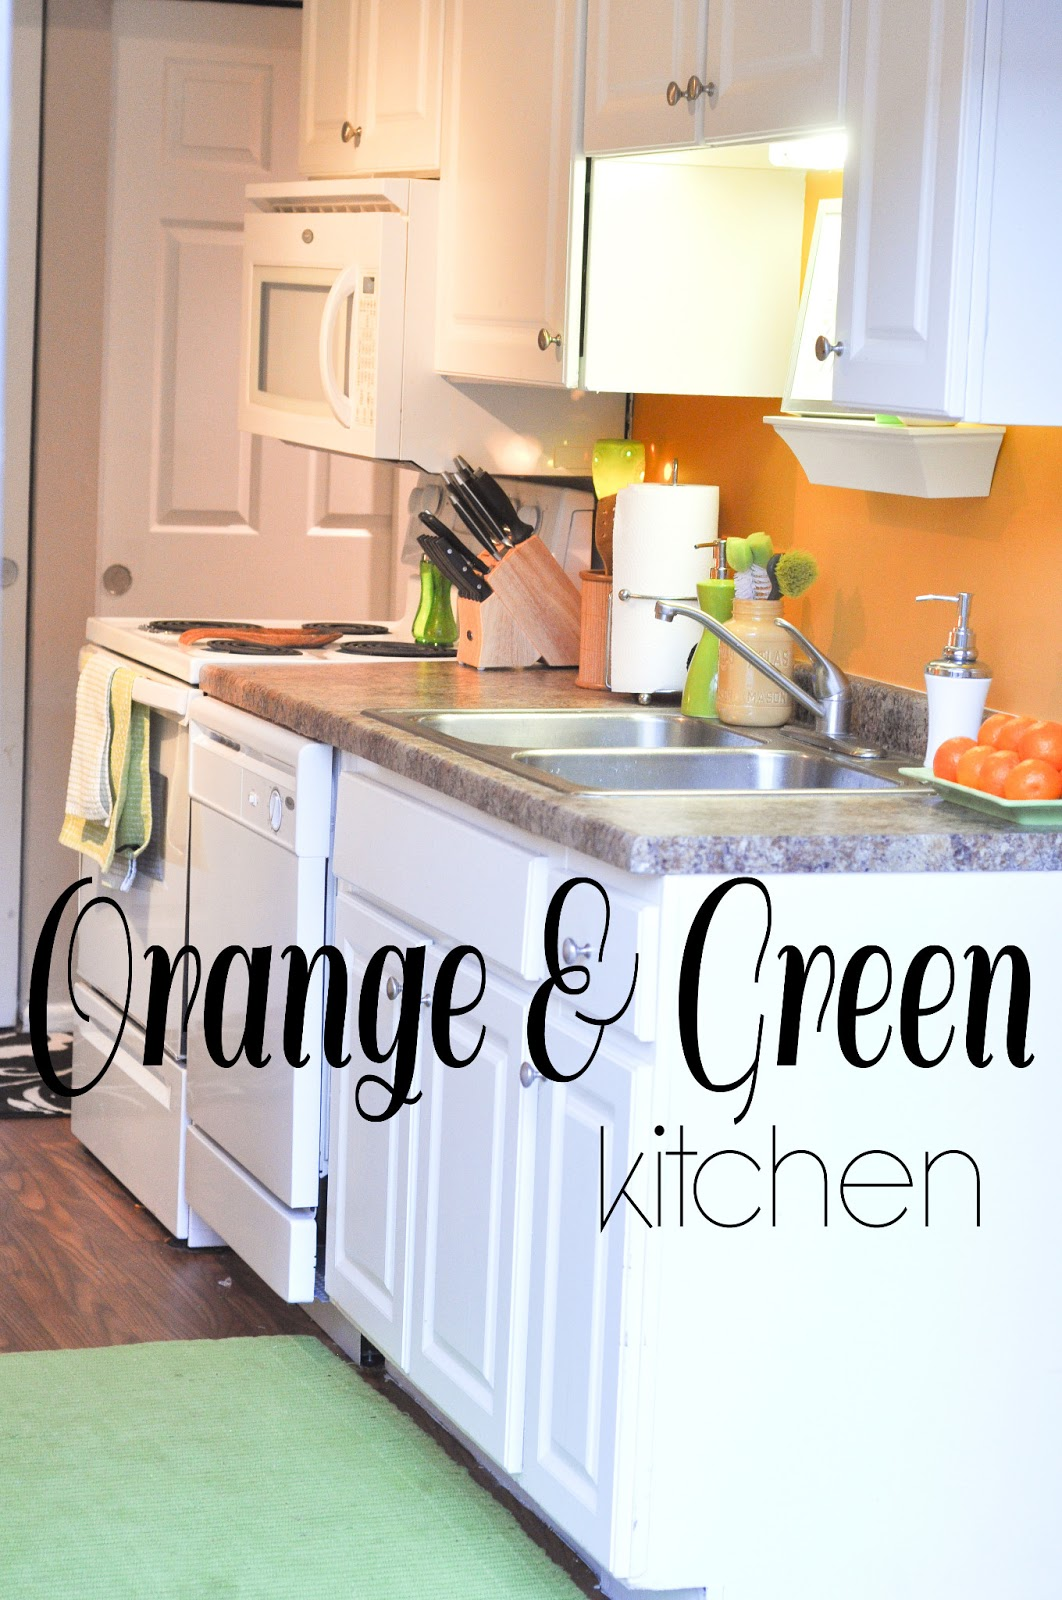 orange and green kitchen decor Decorating Through Dental School: My Chicago Home - Orange